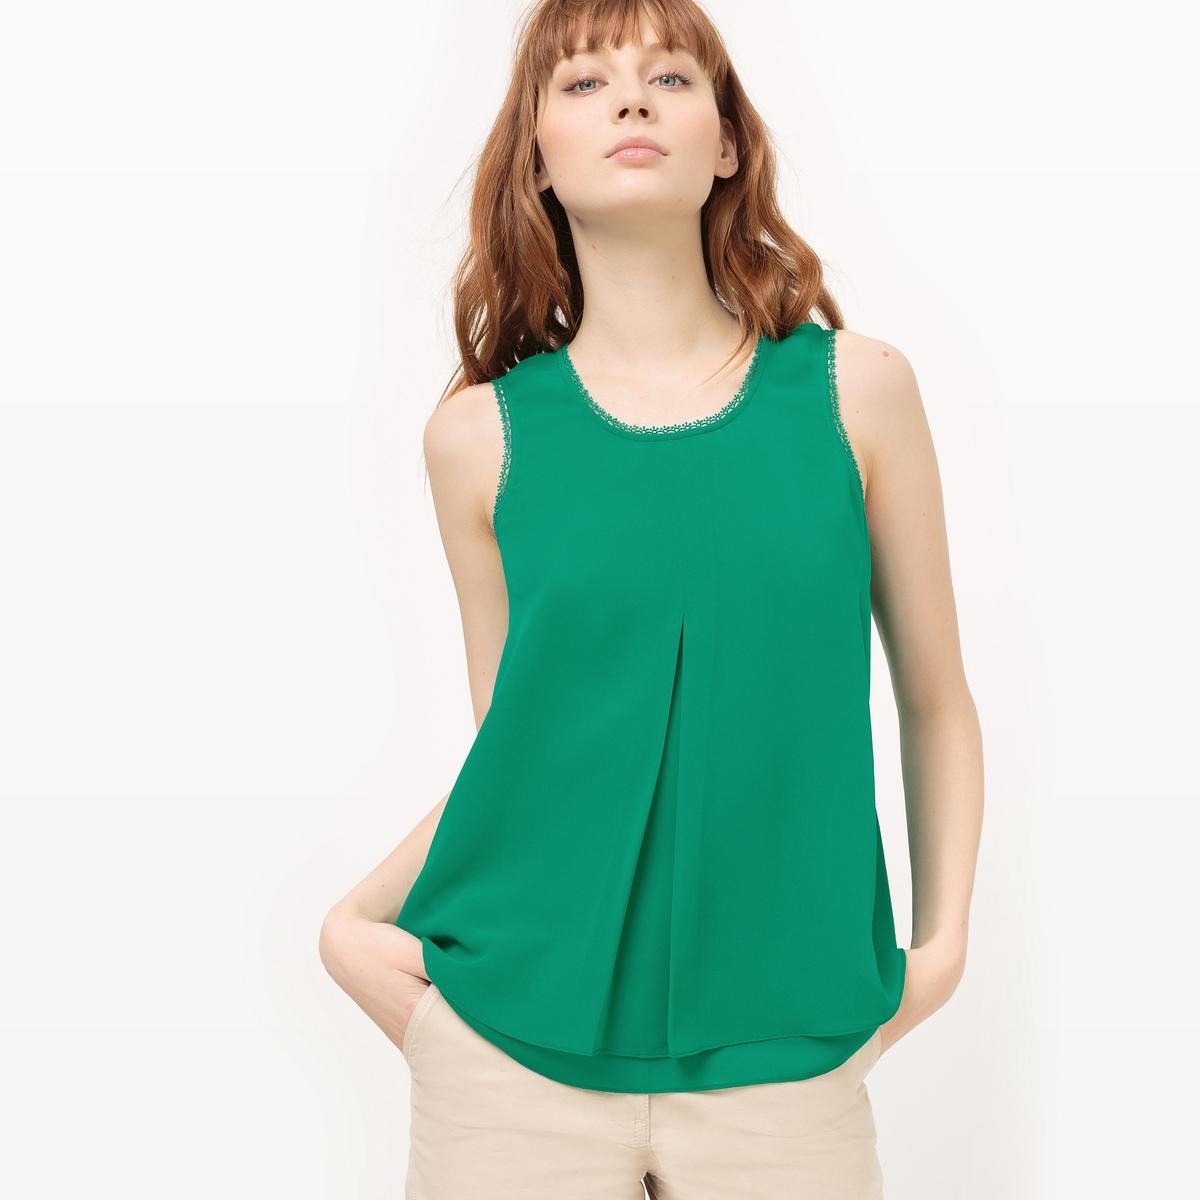 Блузка легкая без рукавовМатериал : 100% полиэстер   Длина рукава : Без рукавов Форма воротника : Круглый вырез Длина блузки : стандартная  Рисунок : однотонная модель<br><br>Цвет: зеленый